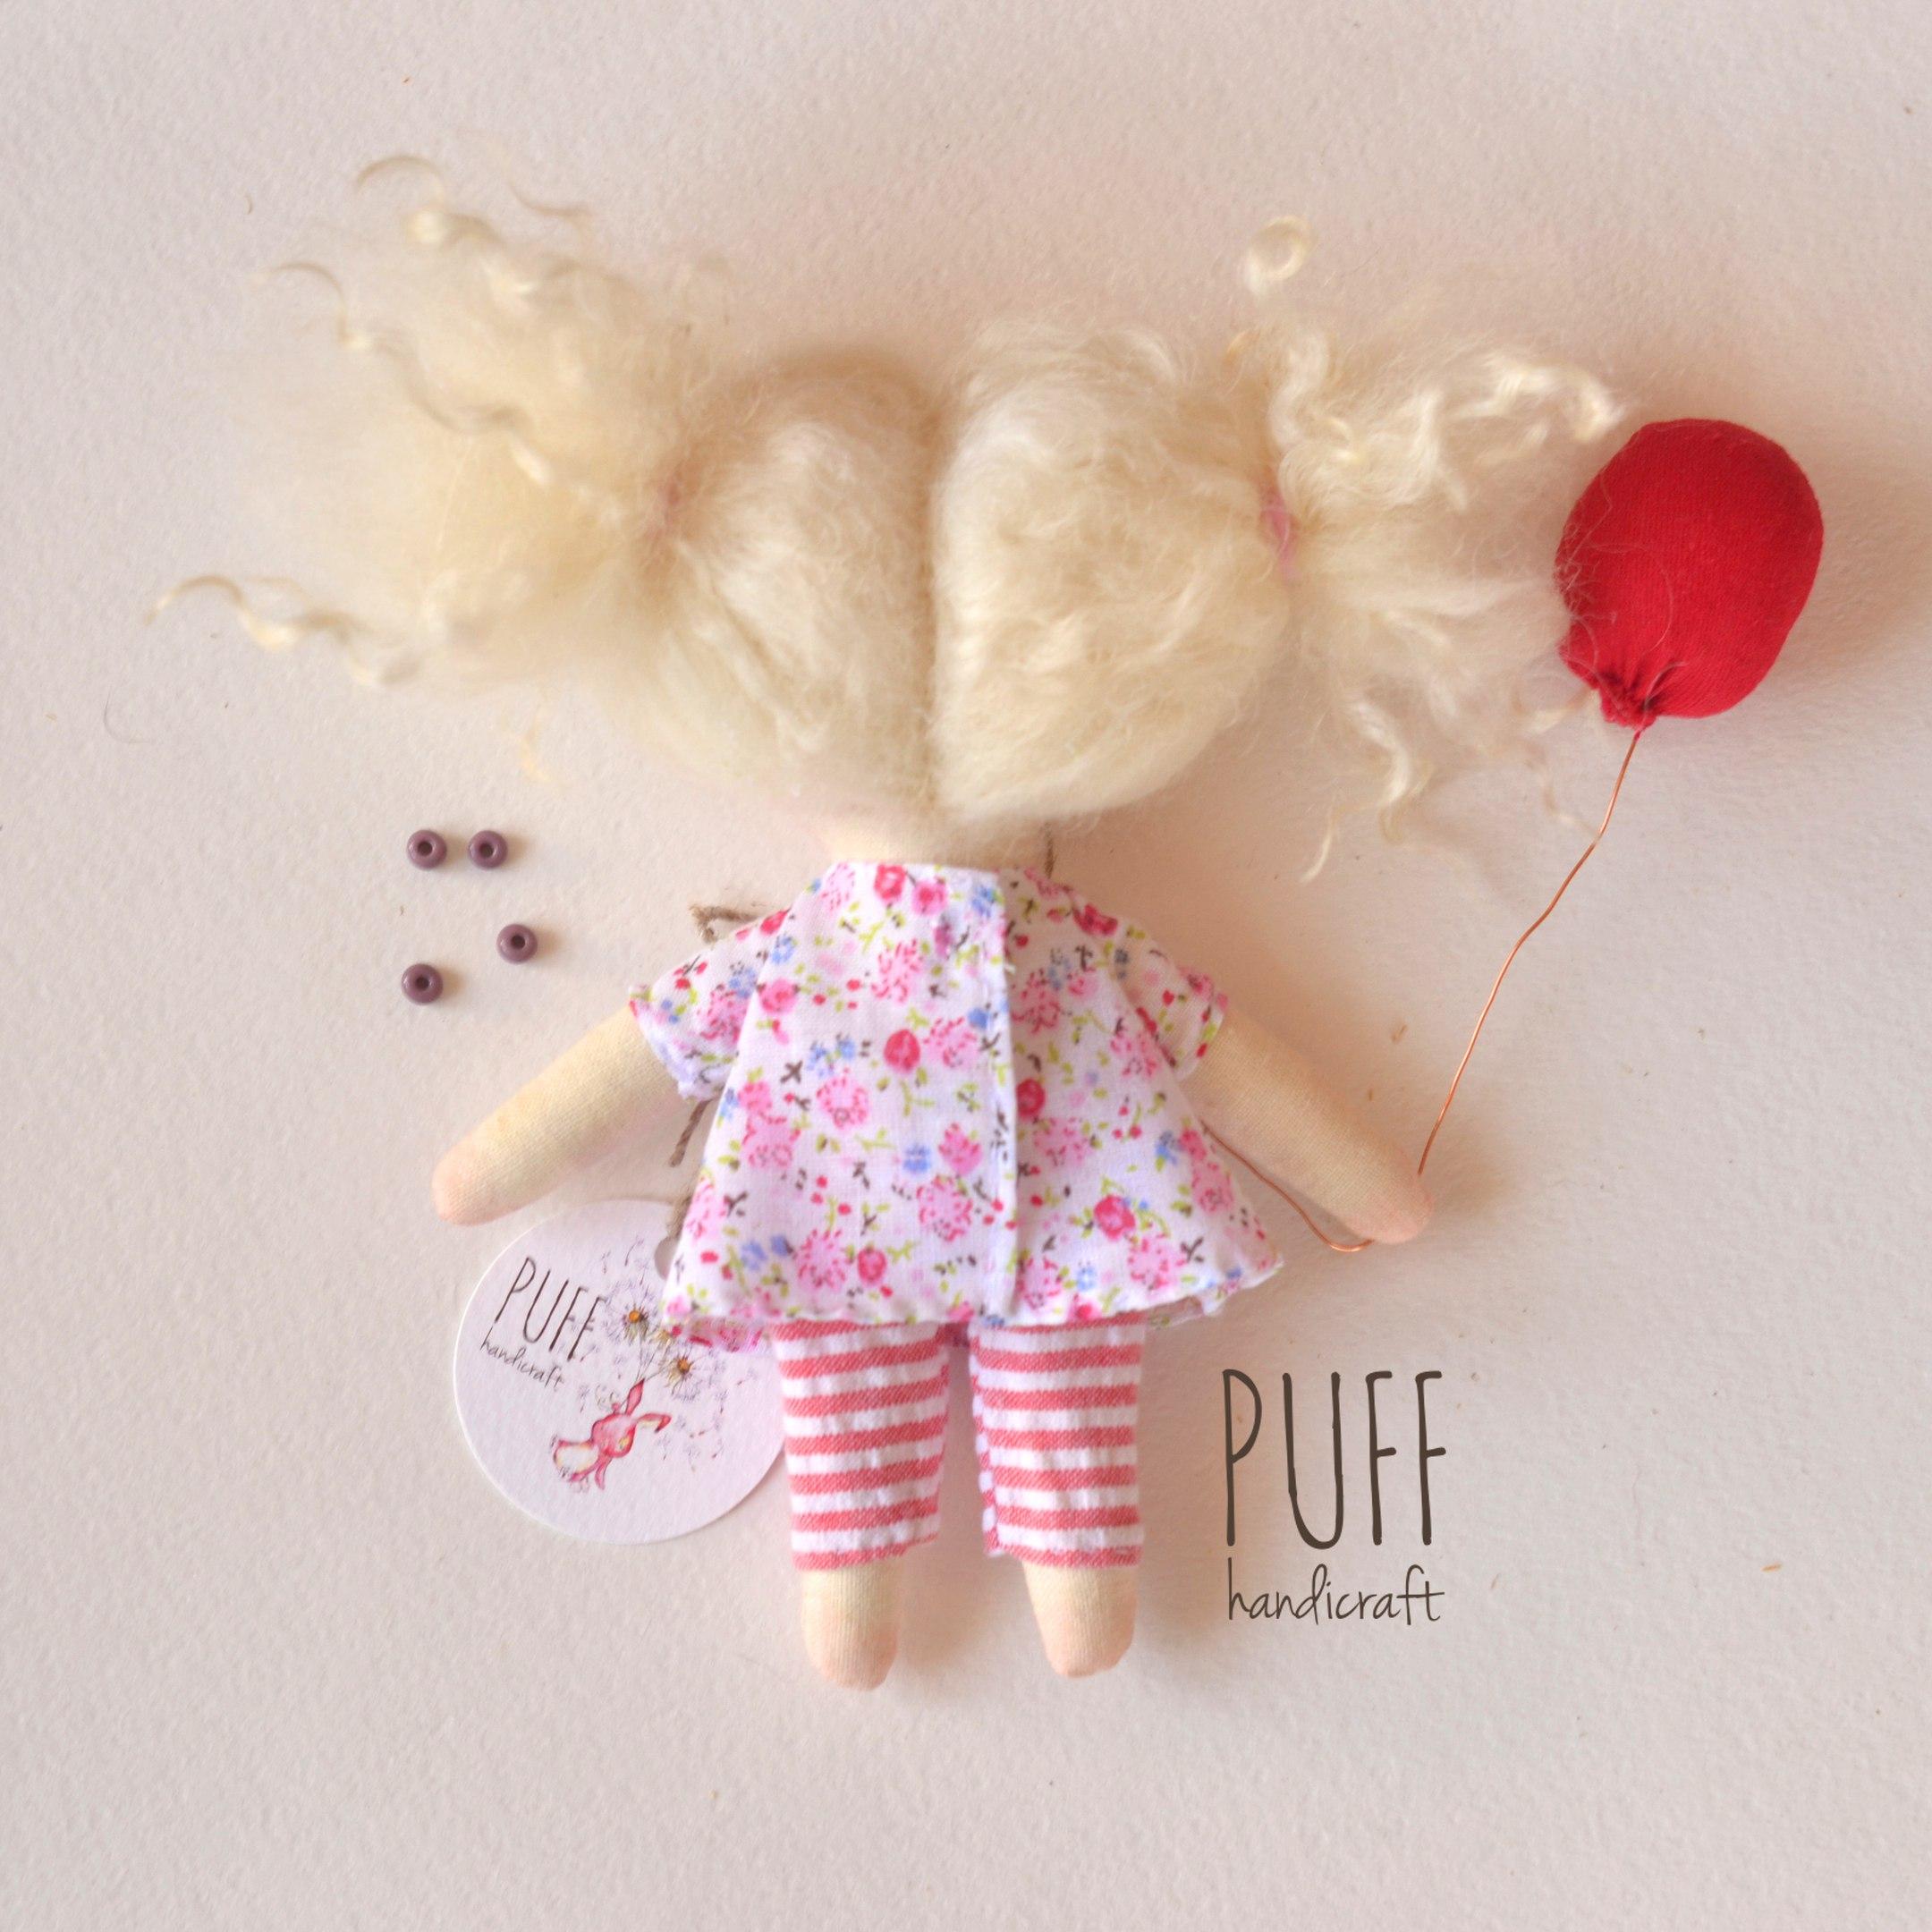 купить текстильную куклу ручной работы, текстильная кукла купить в украине, текстильные куклы купить, авторская кукла купить, купить авторскую куклу в украине, интерьерные куклы купить украина, textil doll